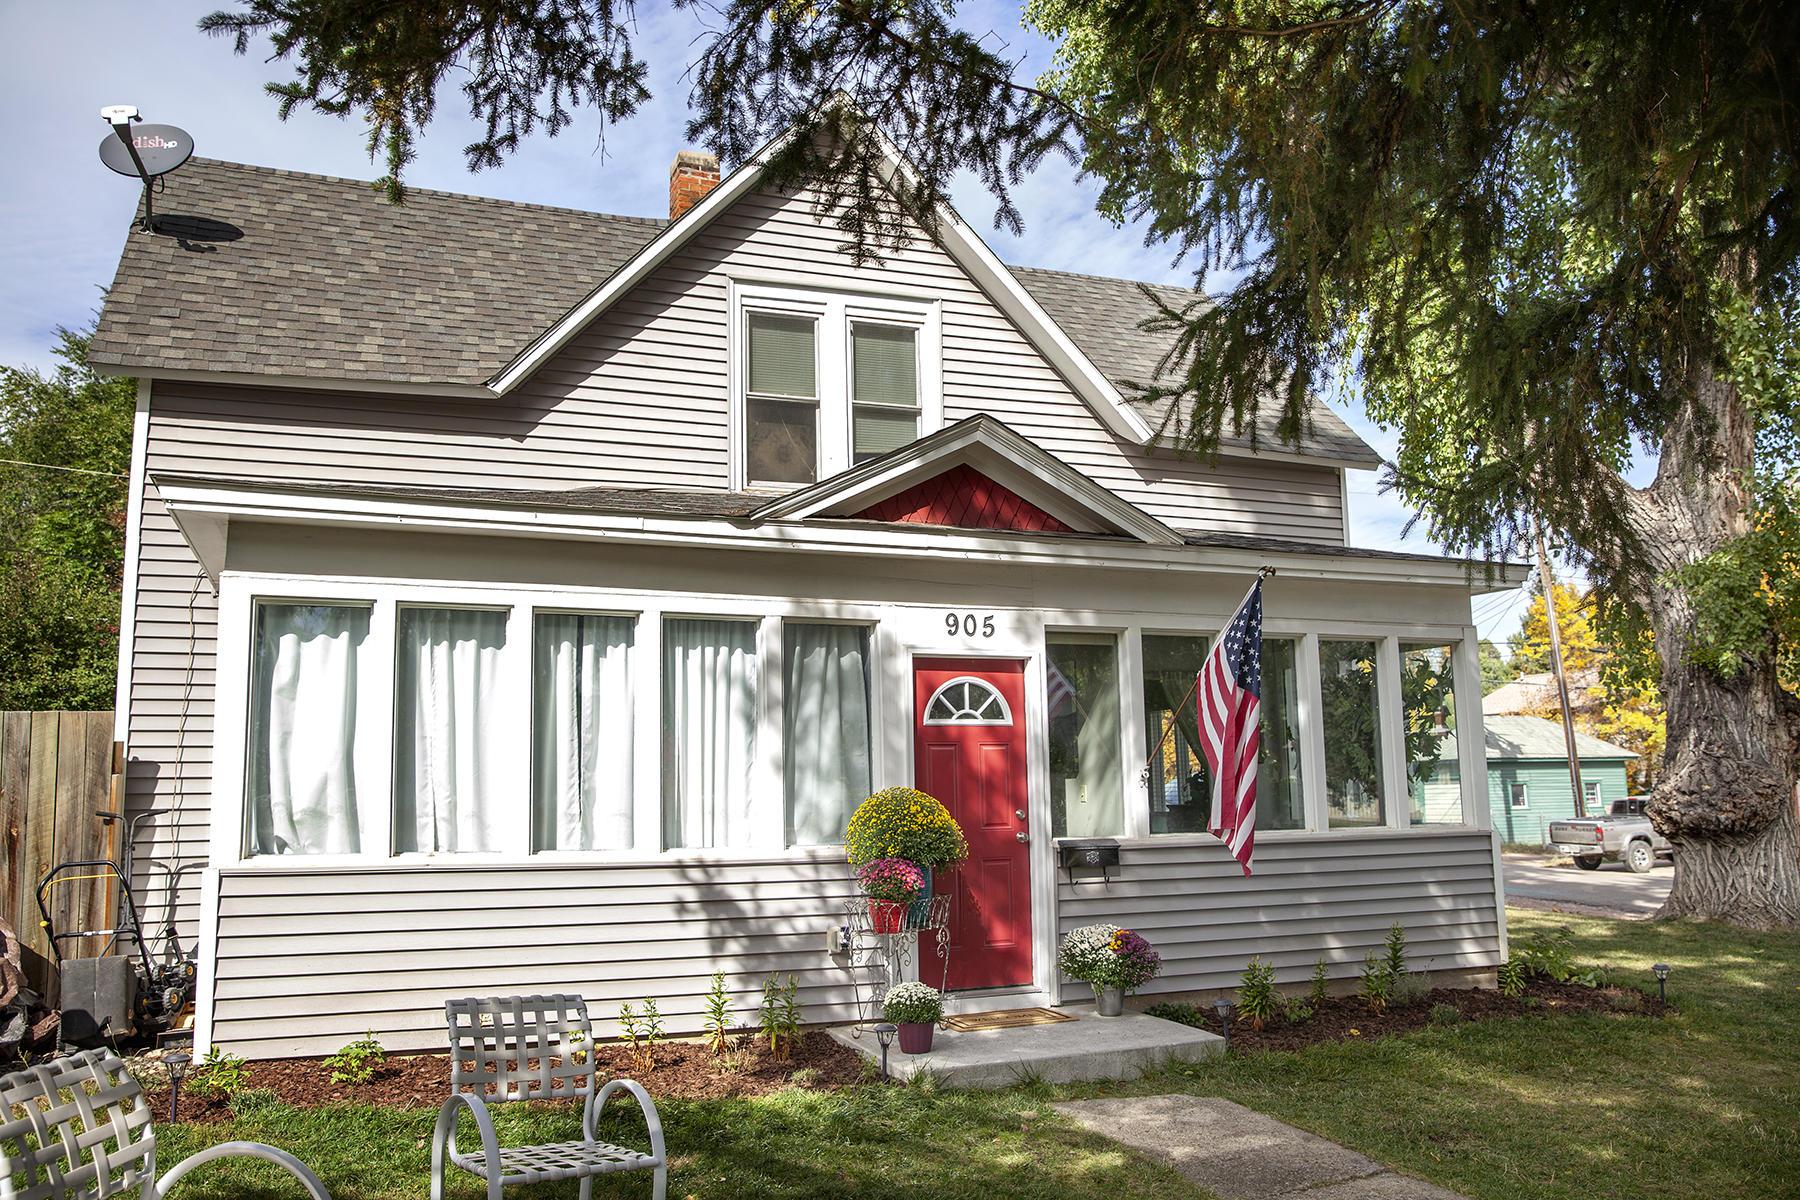 905 Loucks Street, Sheridan, Wyoming 82801, 6 Bedrooms Bedrooms, ,2 BathroomsBathrooms,Residential,For Sale,Loucks,18-1046